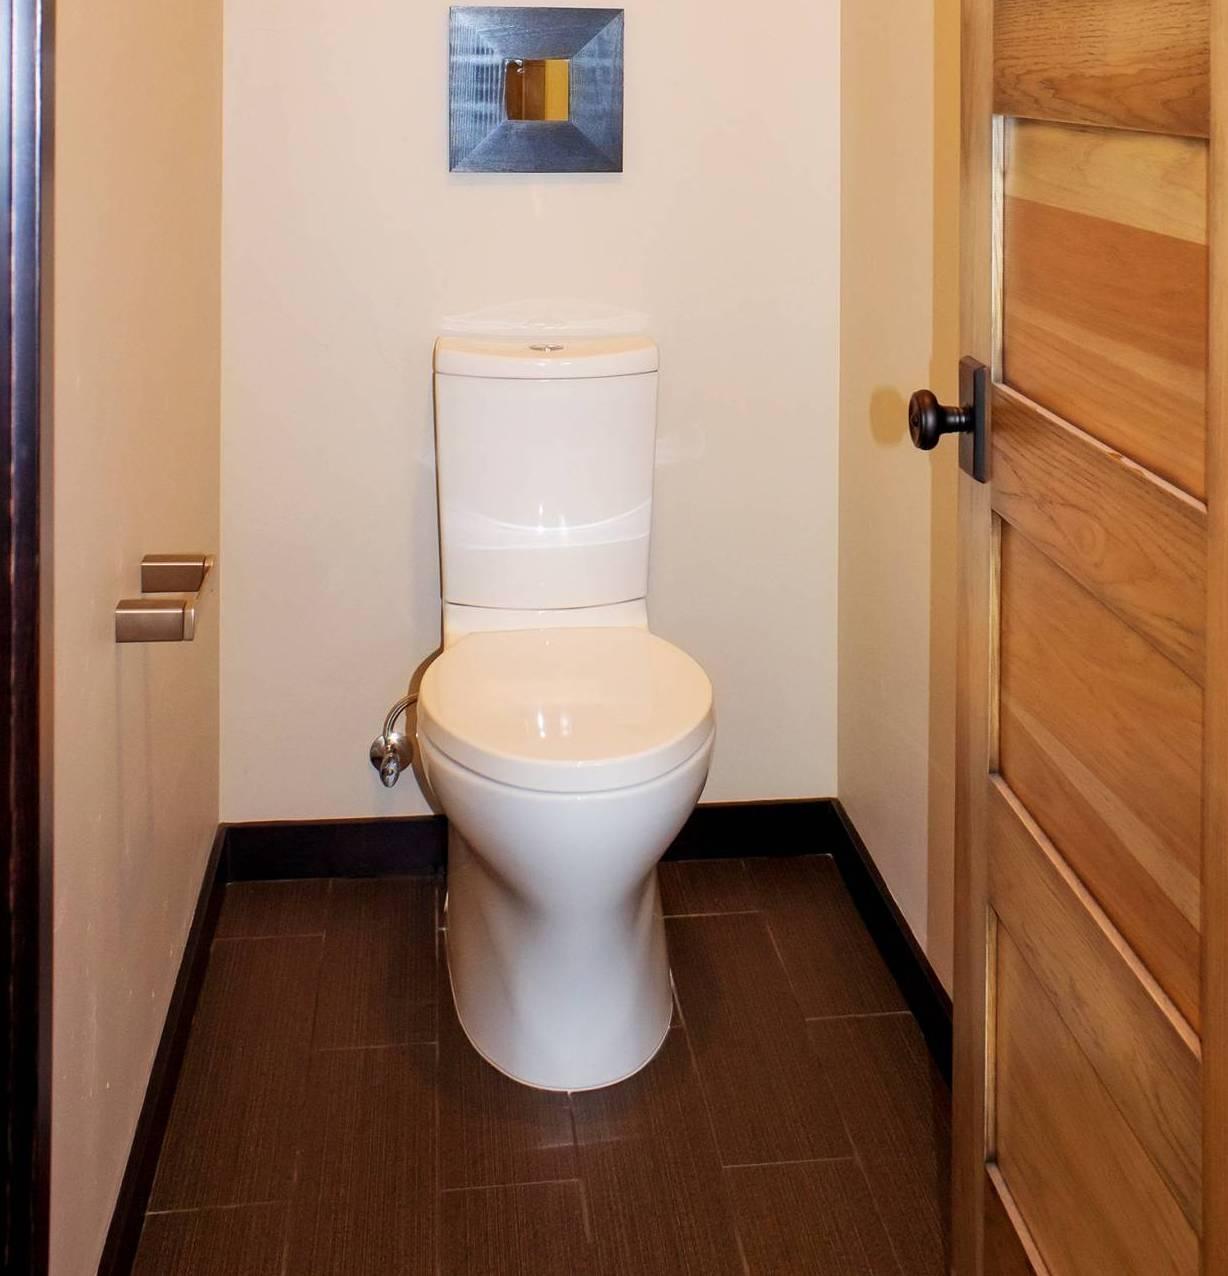 男性用トイレの小便器って、やりづらくないですか?